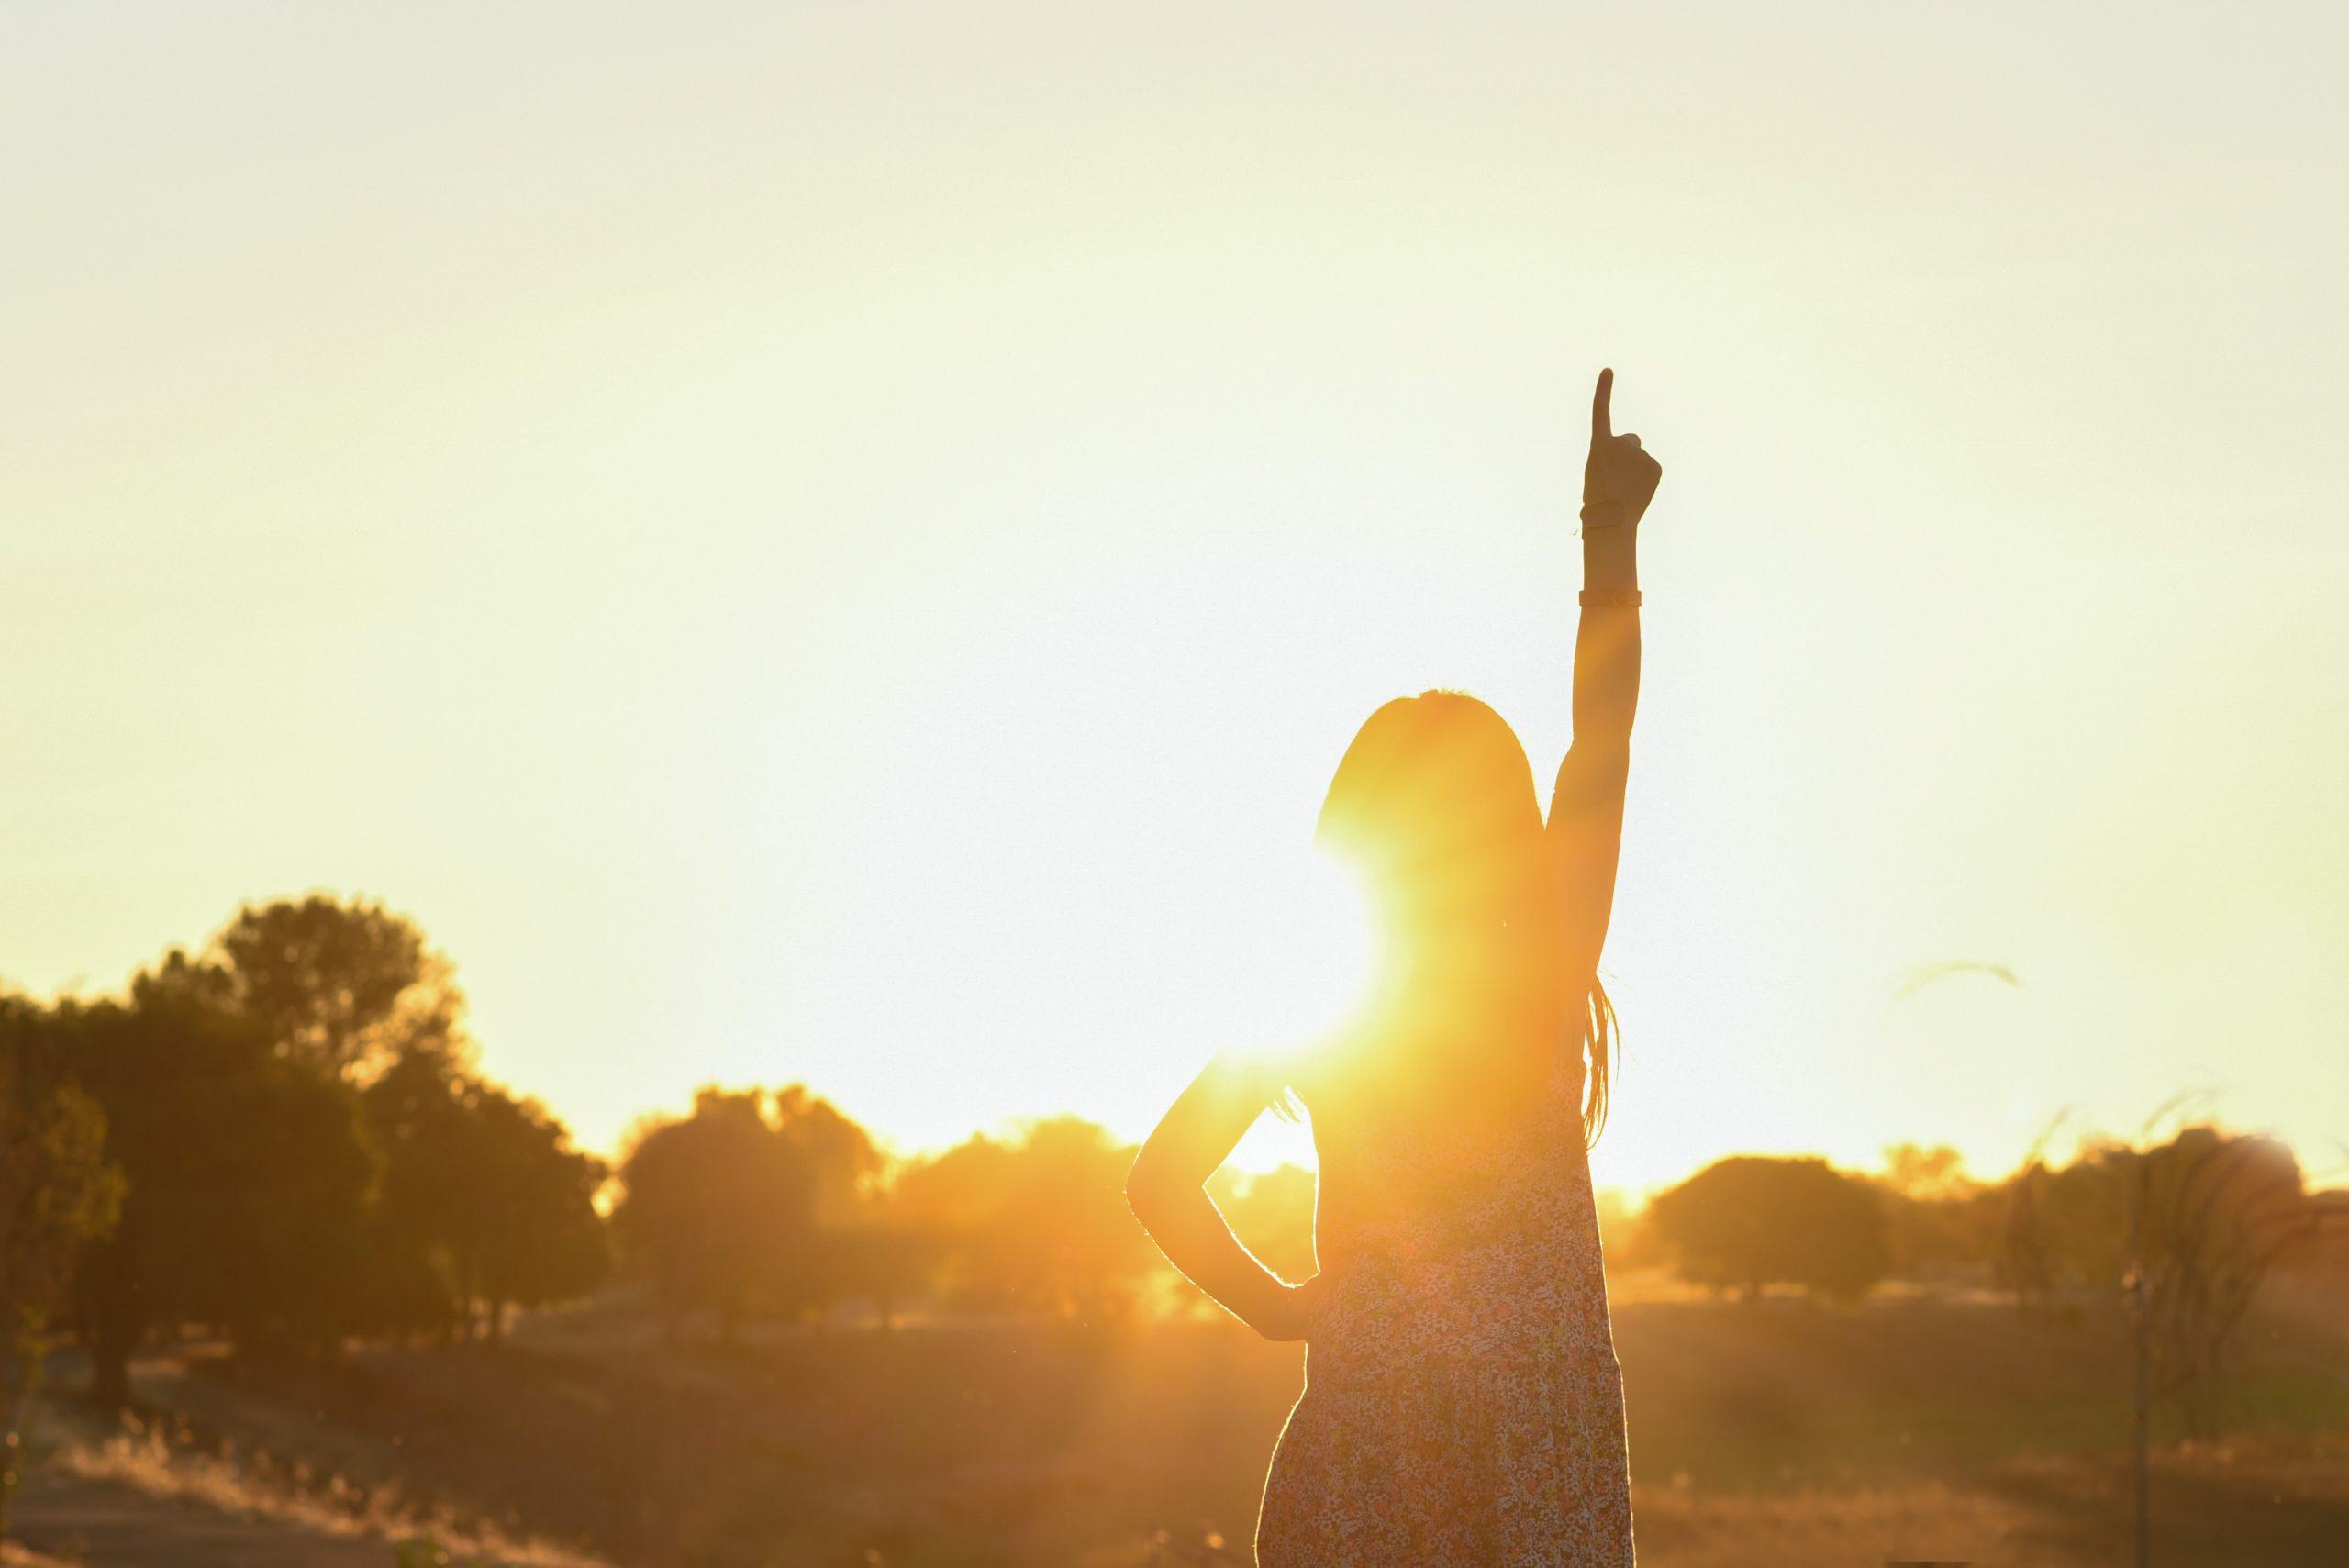 Sonne geniessen mit Astaxanthin